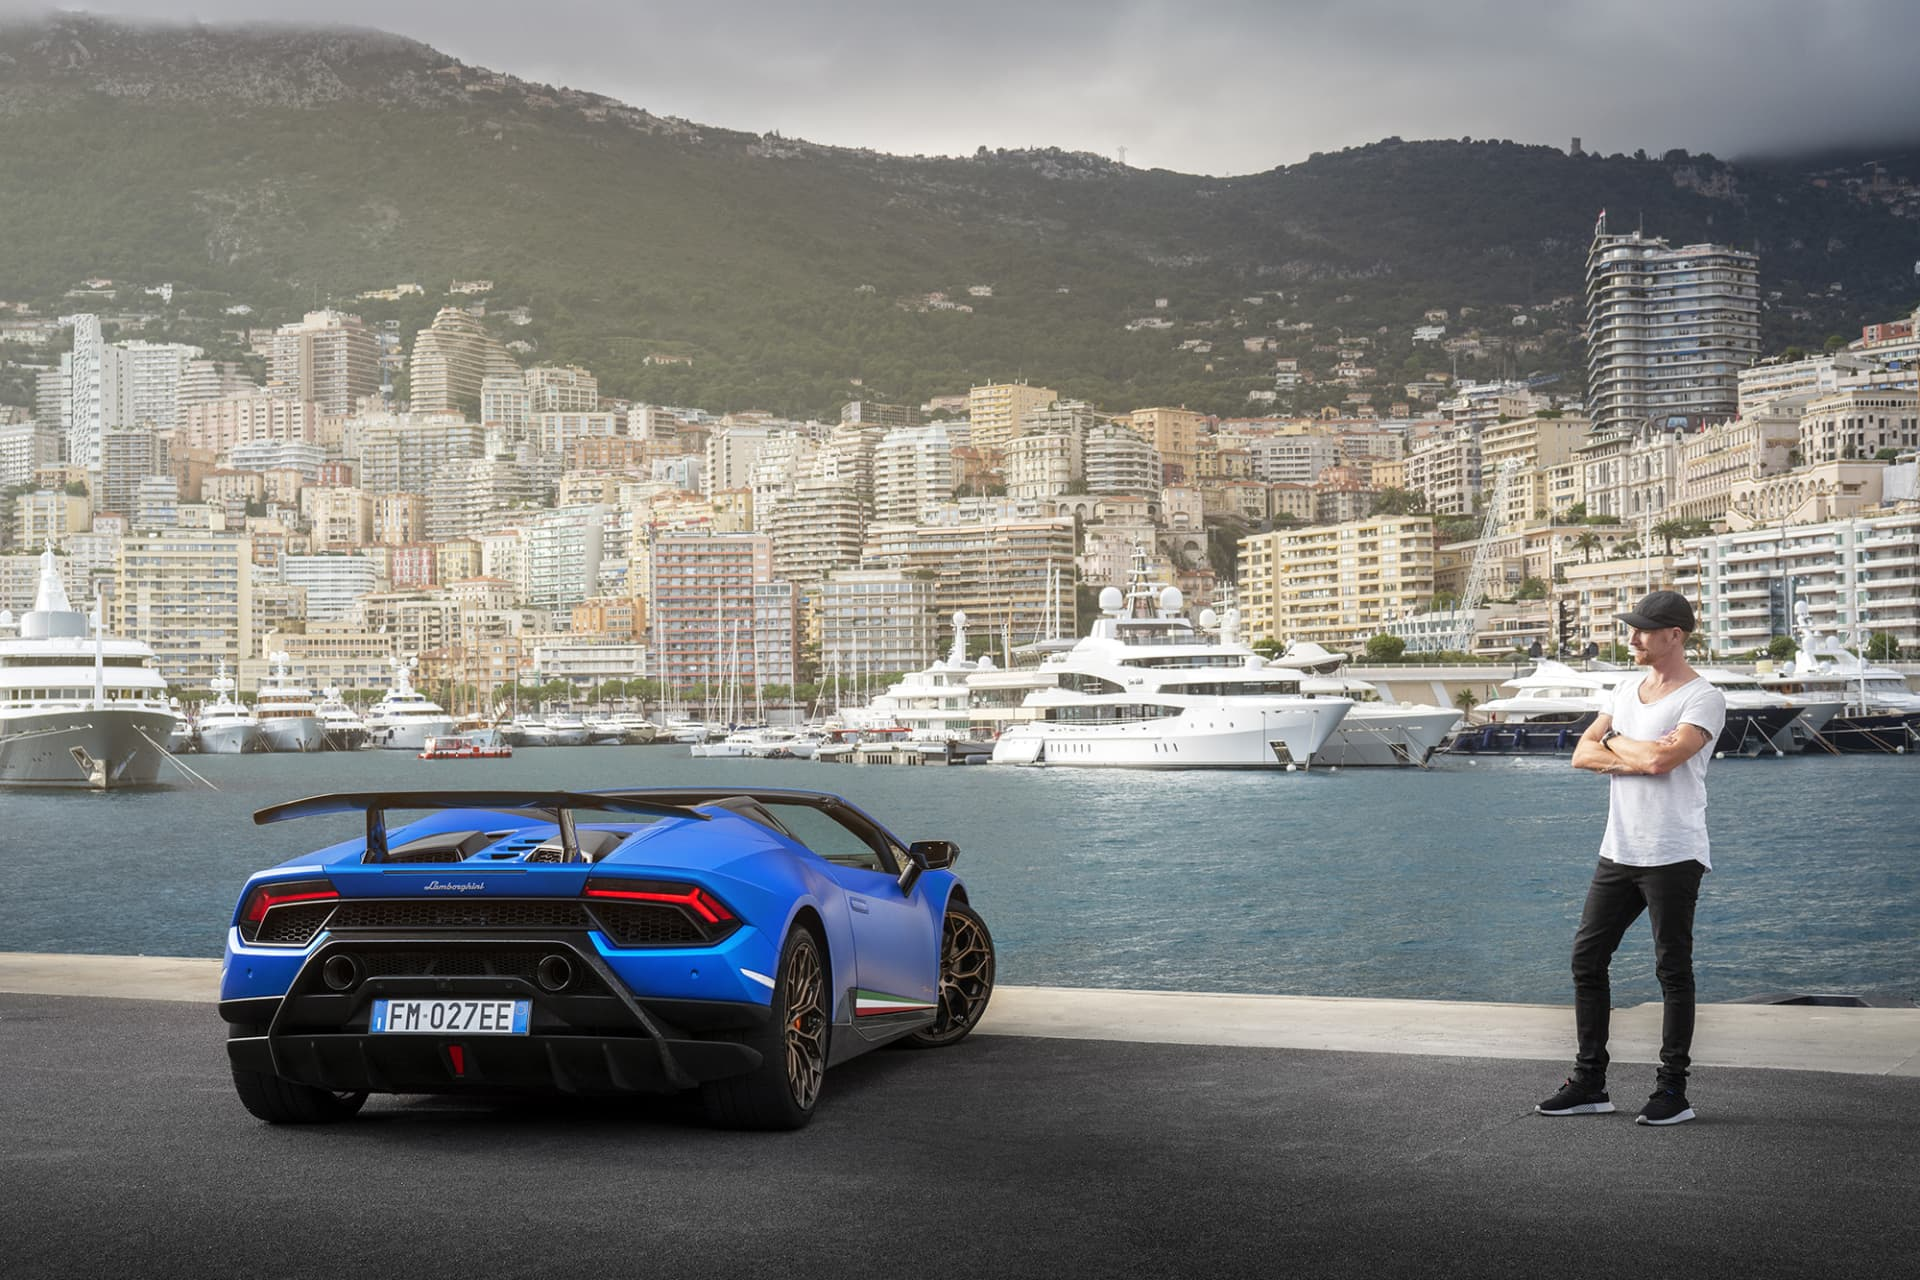 Oavsett om Lamborghini Huracán Performante Spyder är igång eller inte bli man berörd av den. Jag brukar säga att en Lamborghini inte är vacker utan tuff.